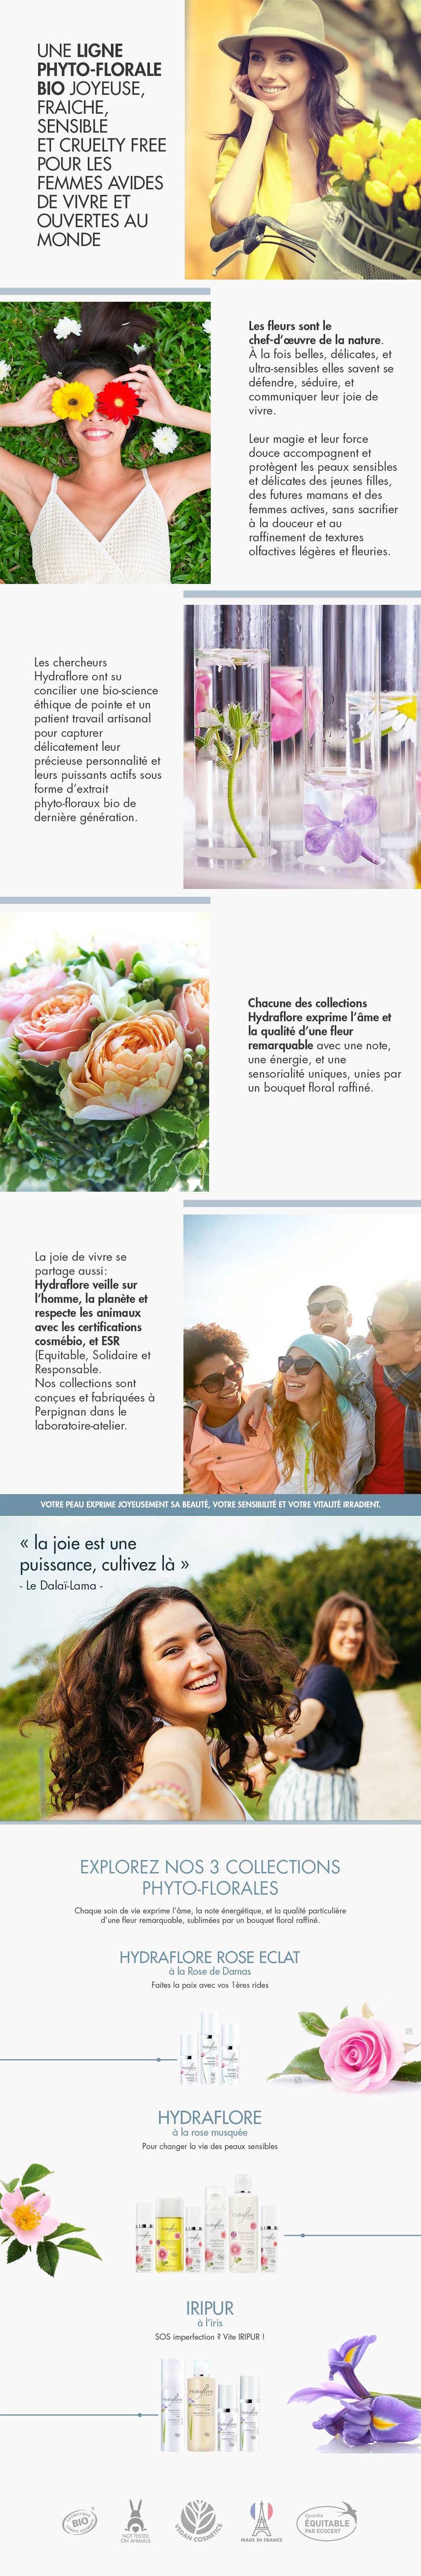 Hydraflore produits de beauté bio et naturels